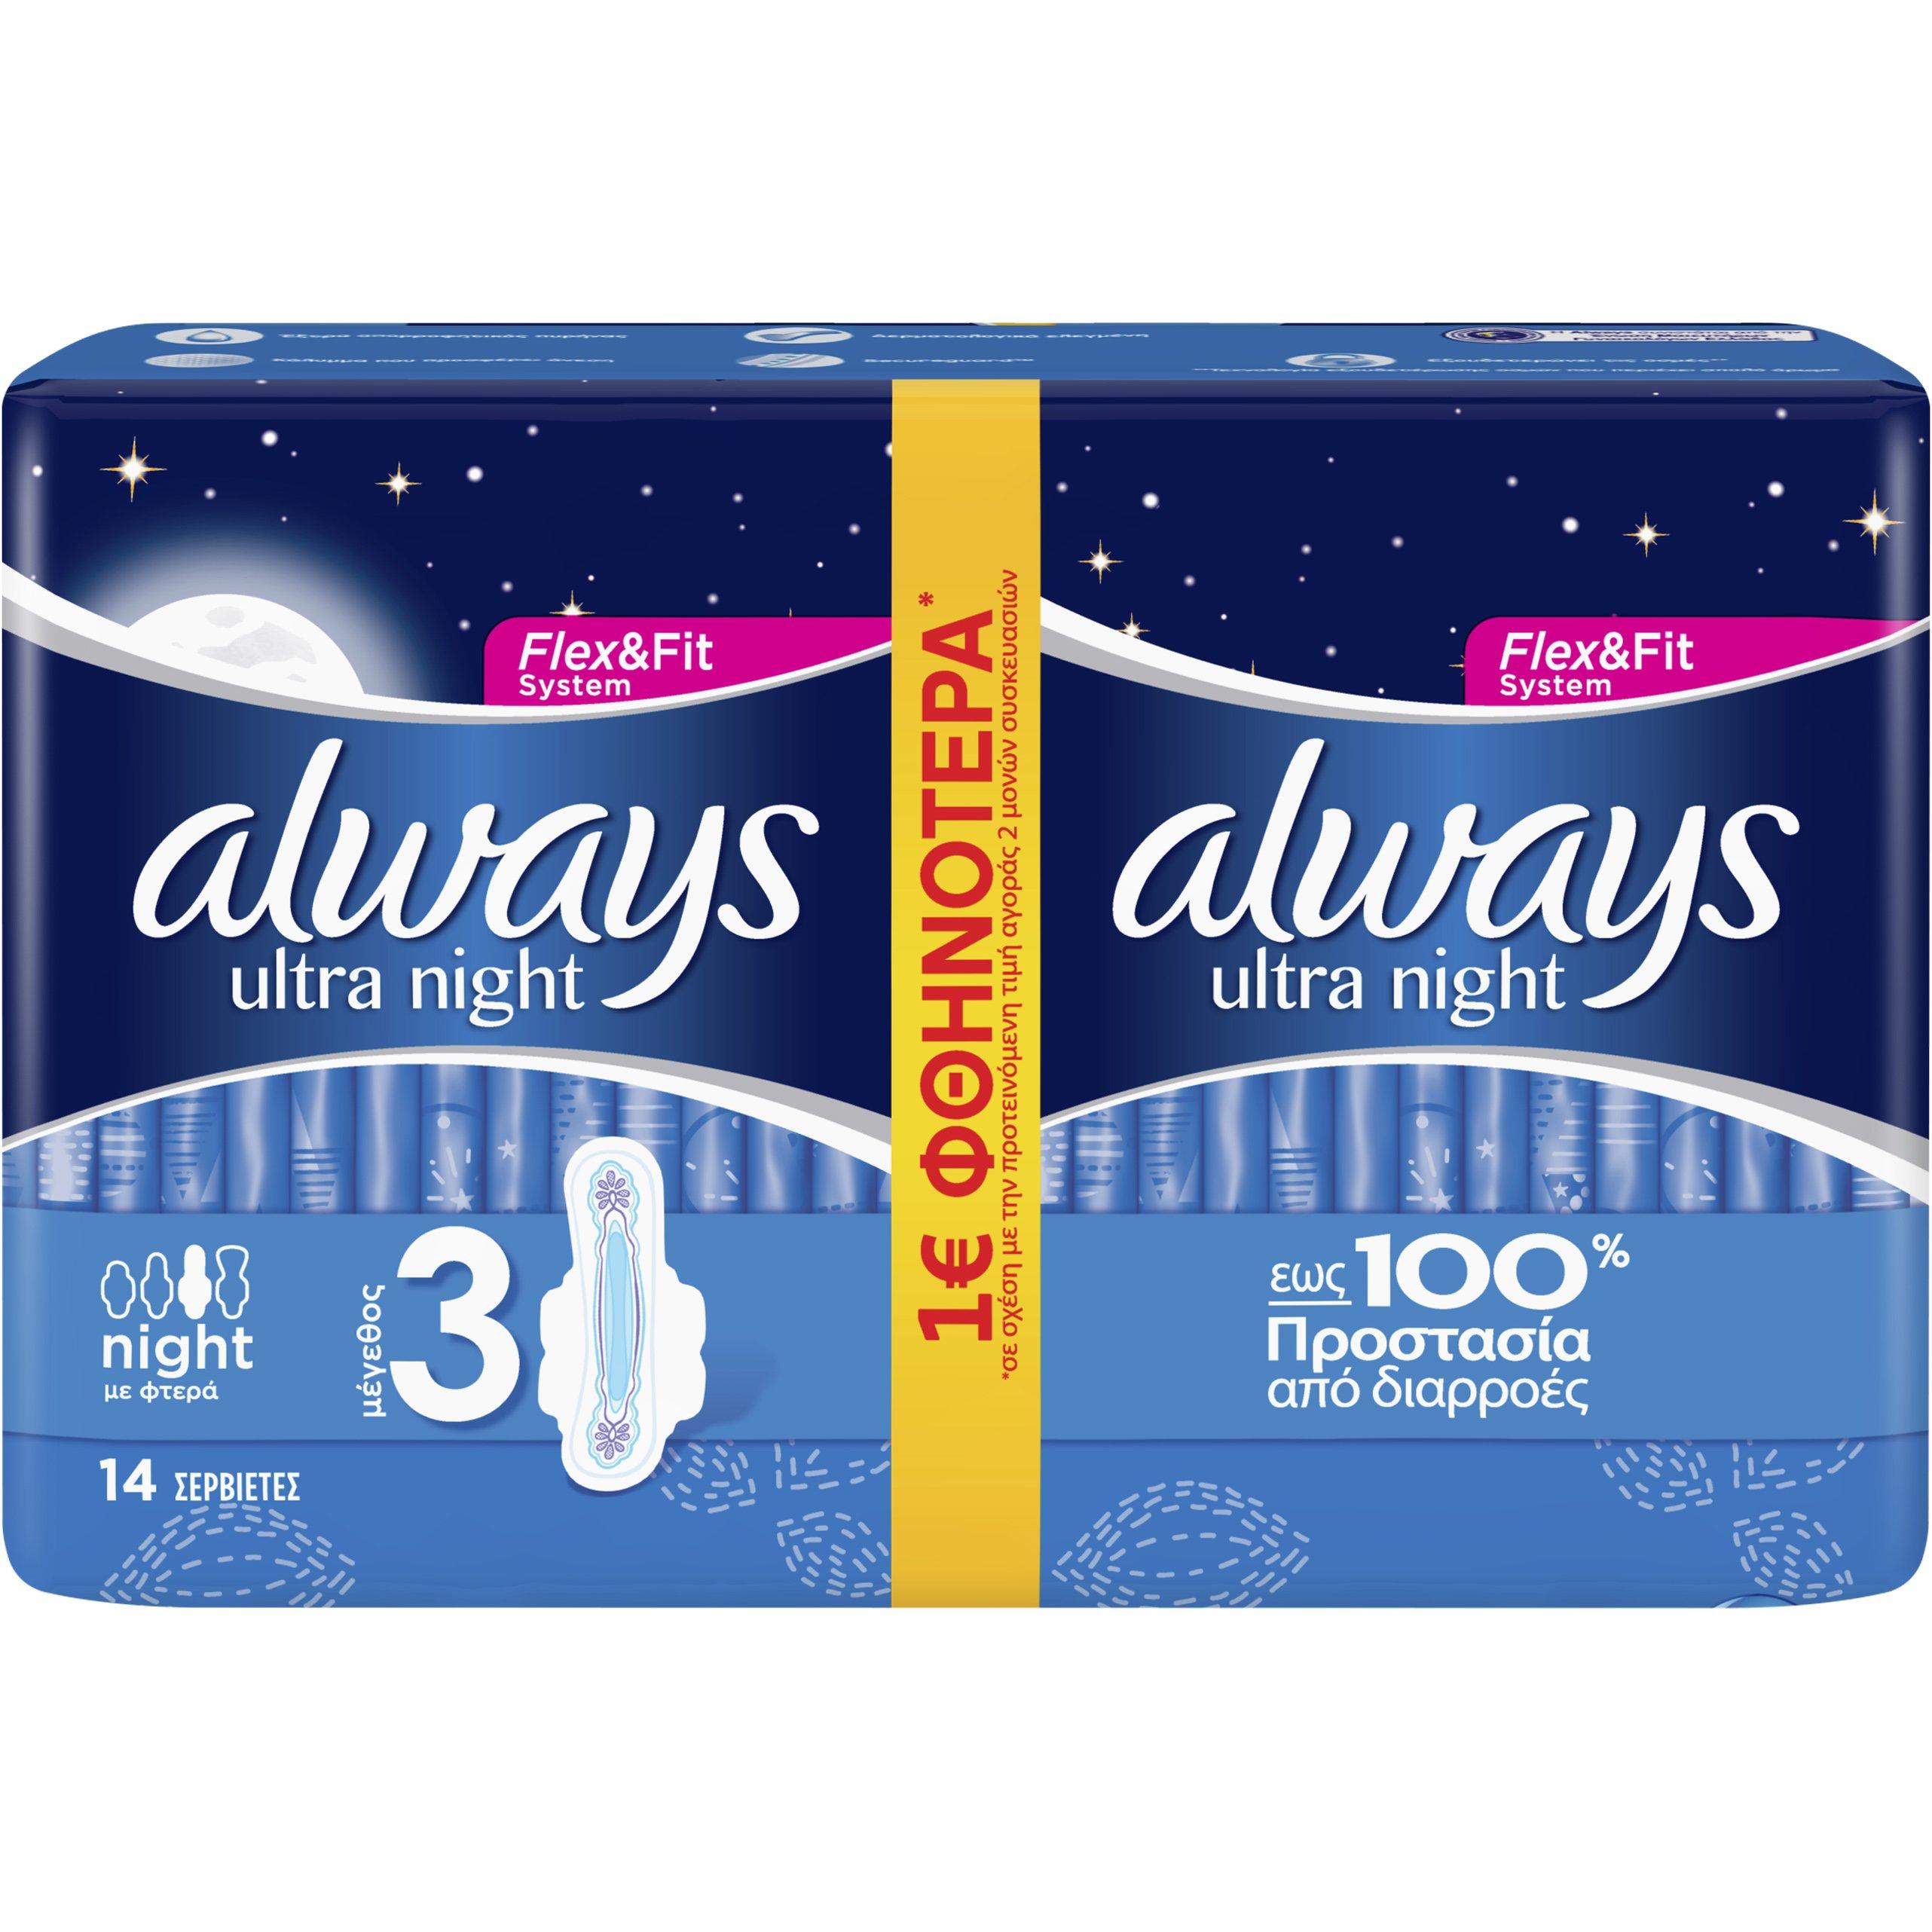 Always Ultra Night Σερβιέτες για Επιπλέον Προστασία τη Νύχτα 14 τεμάχια